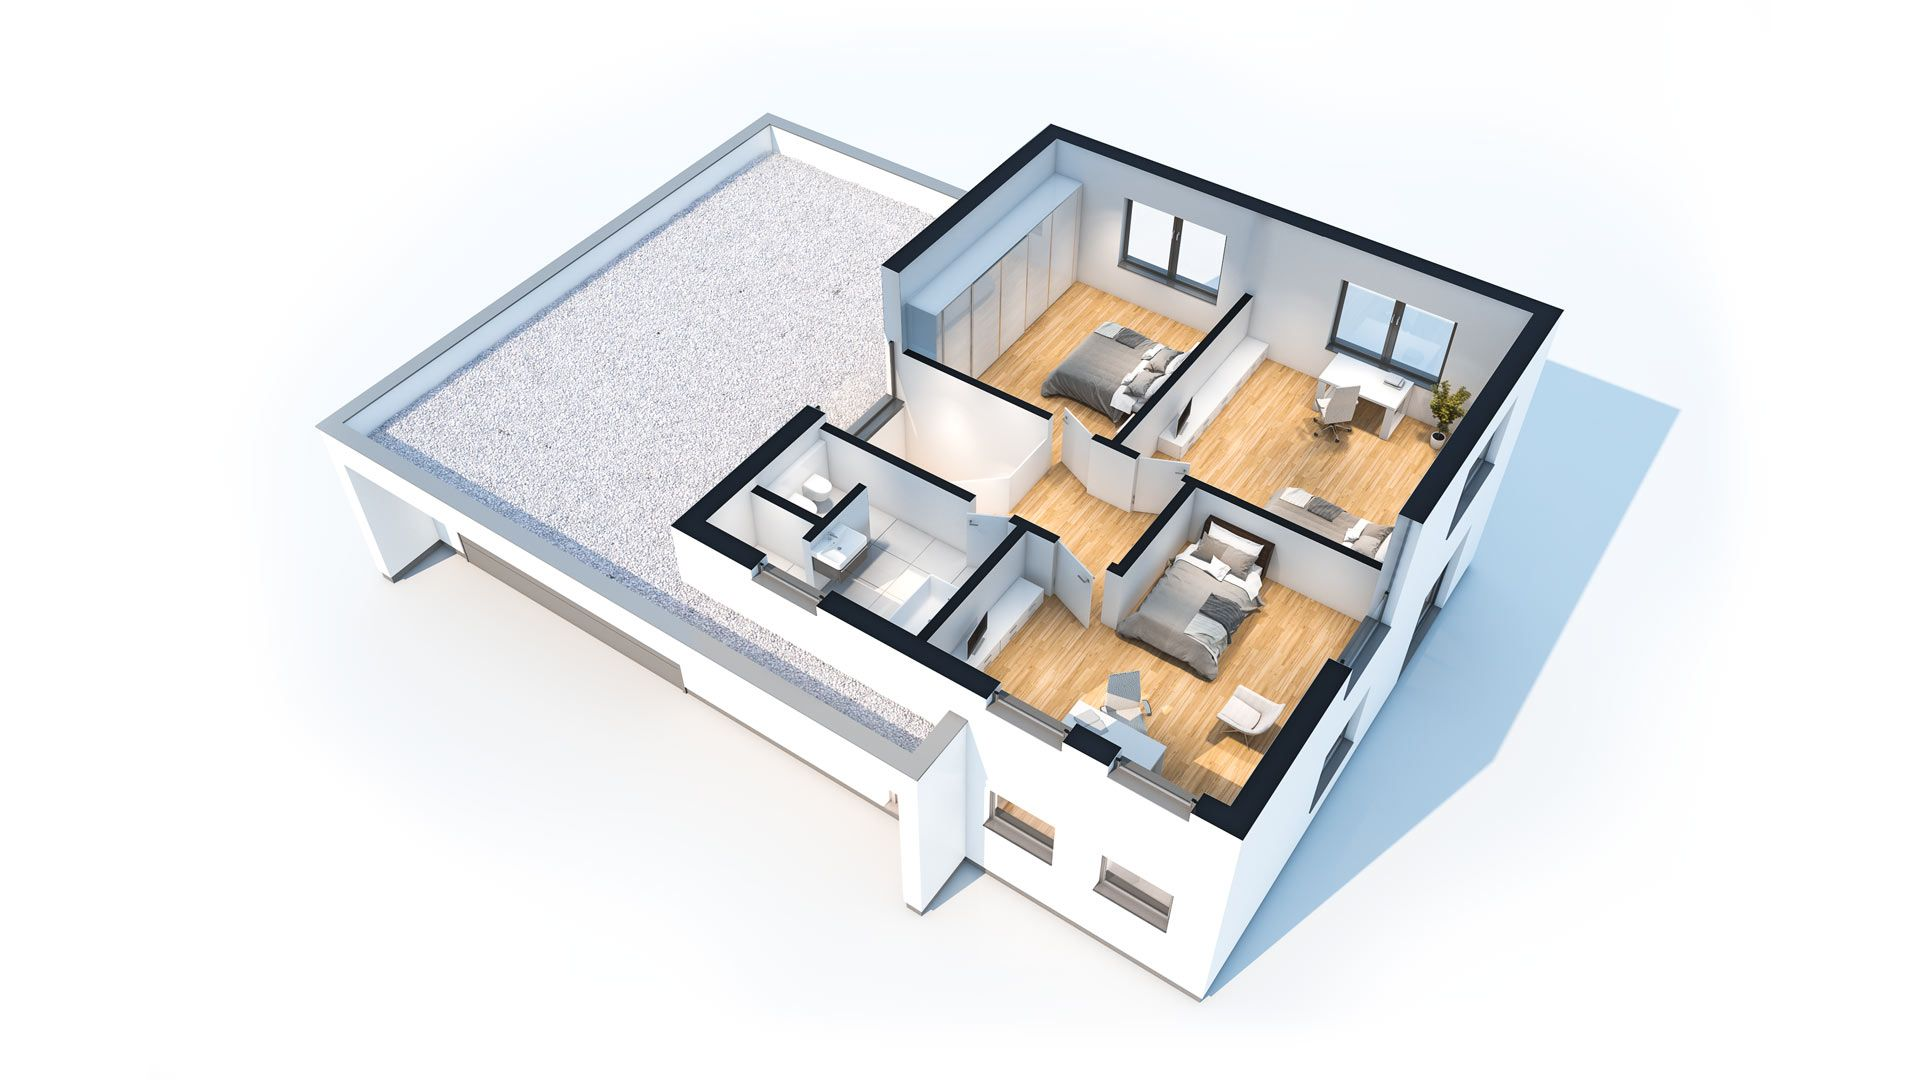 Bauhaus Merkmale klima häuser einfamilienhaus garten fertighaus ökologisch bauen